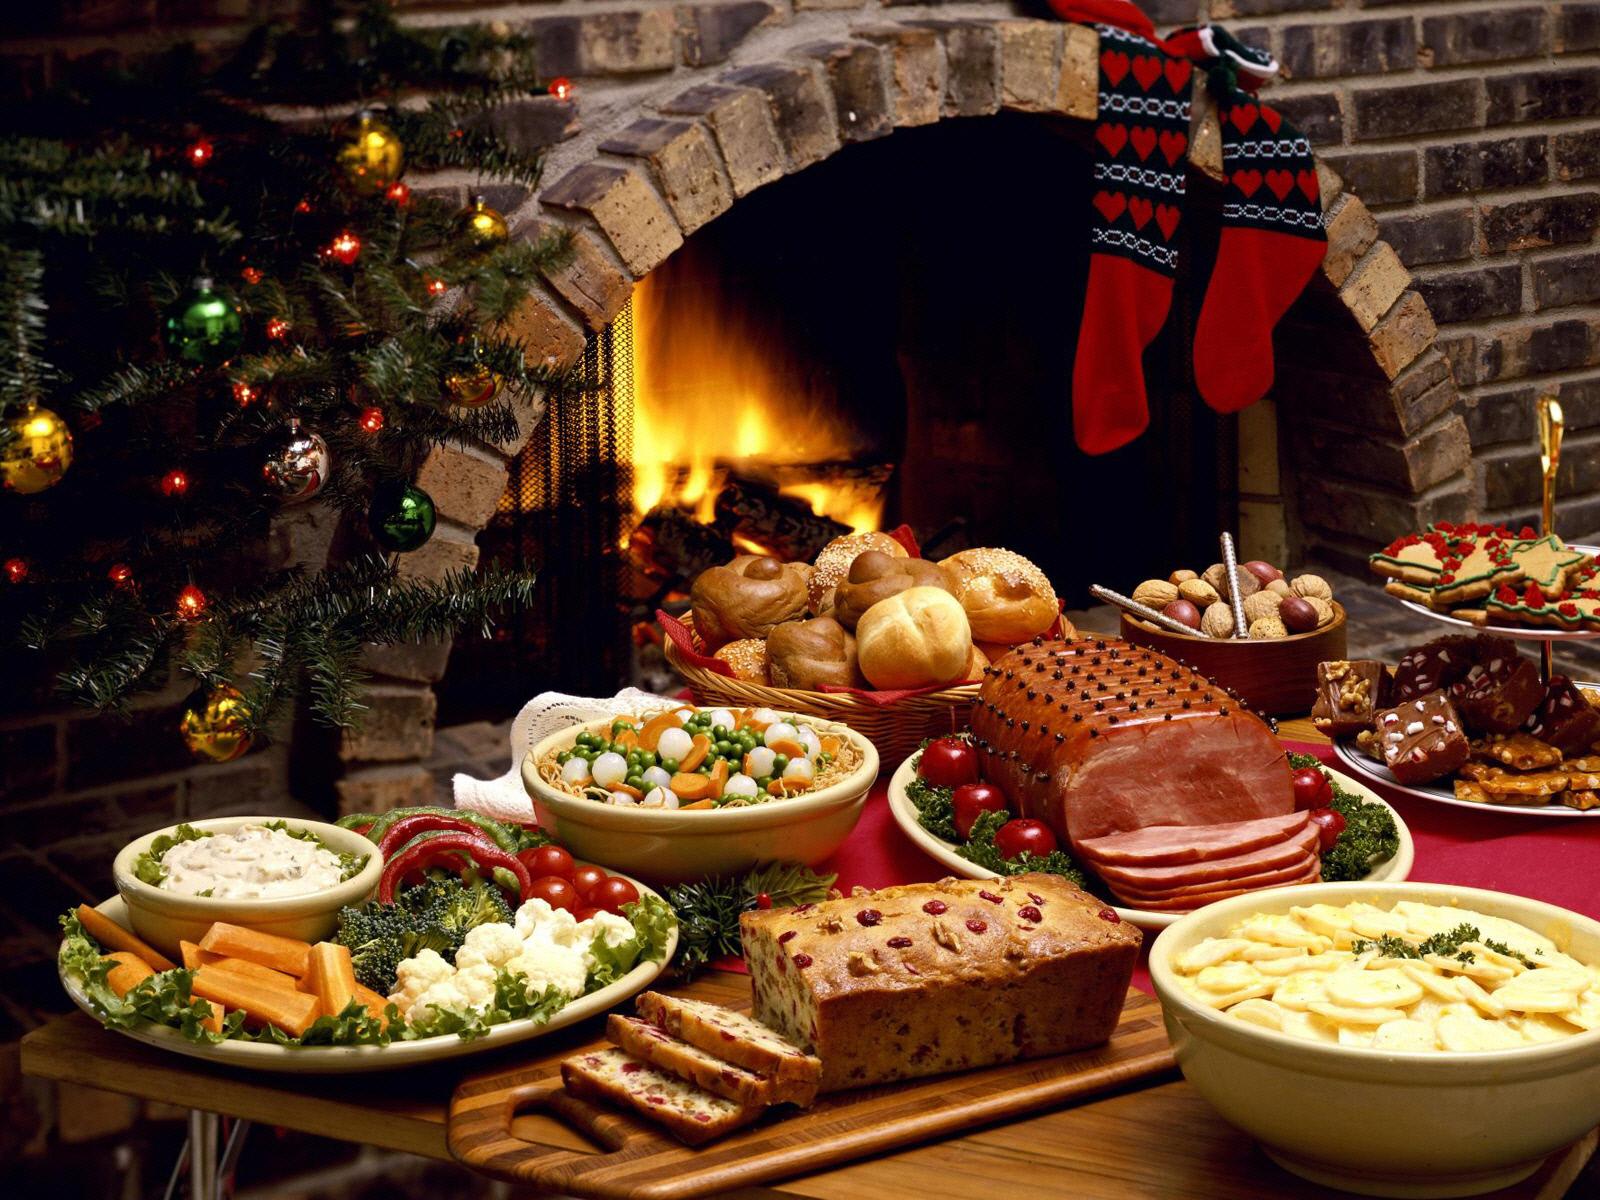 sonar-con-cena-de-navidad